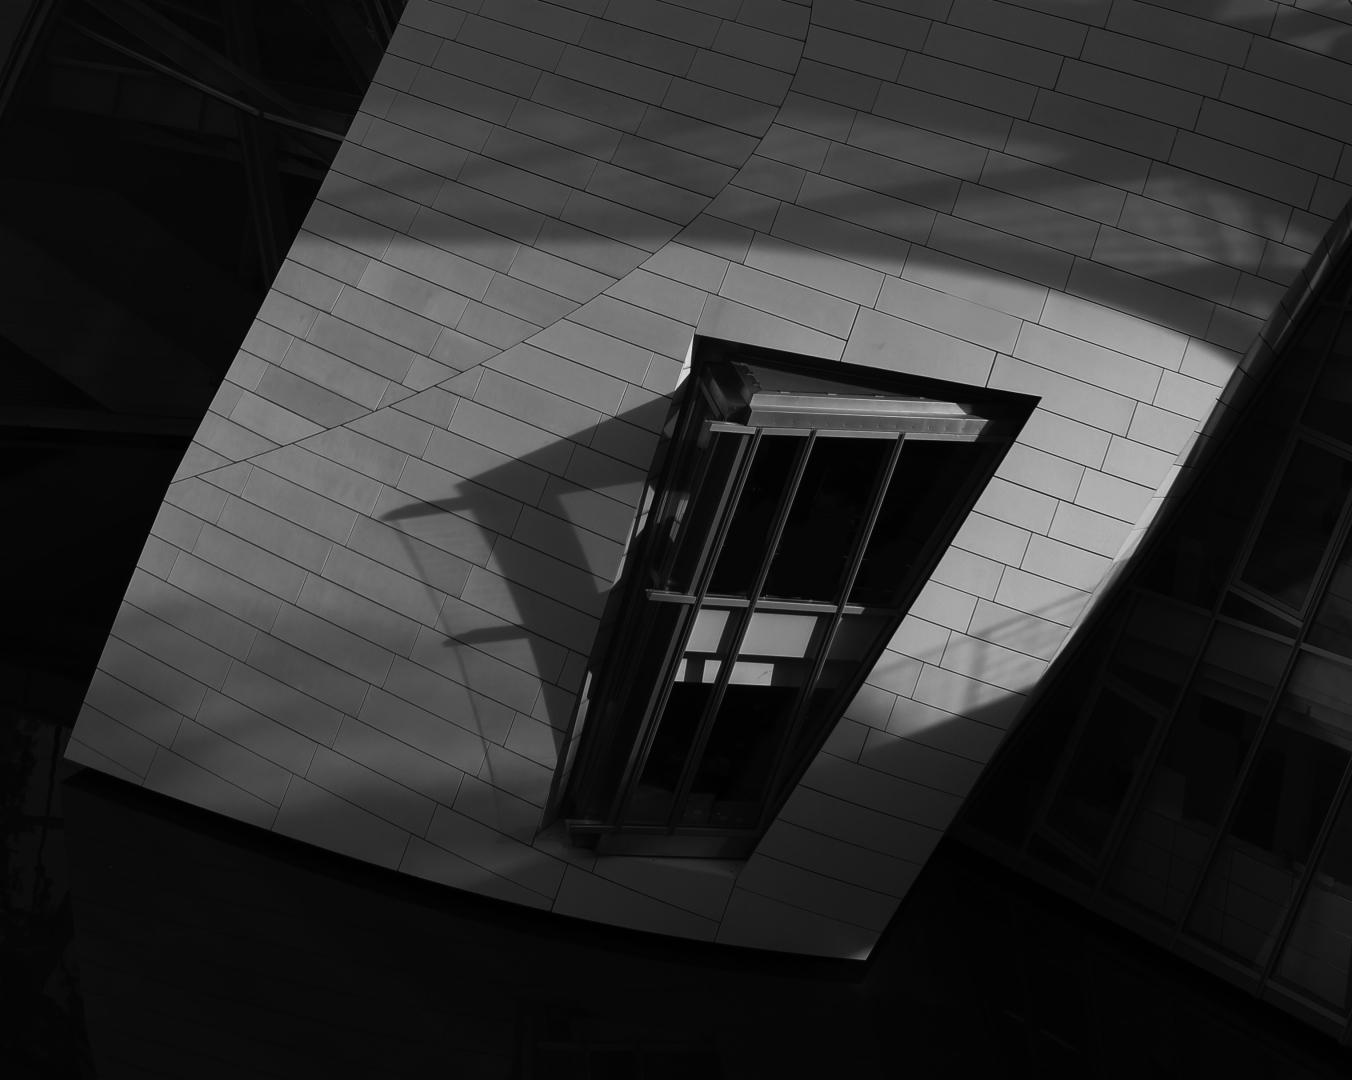 Arquitetura/La fenêtre...